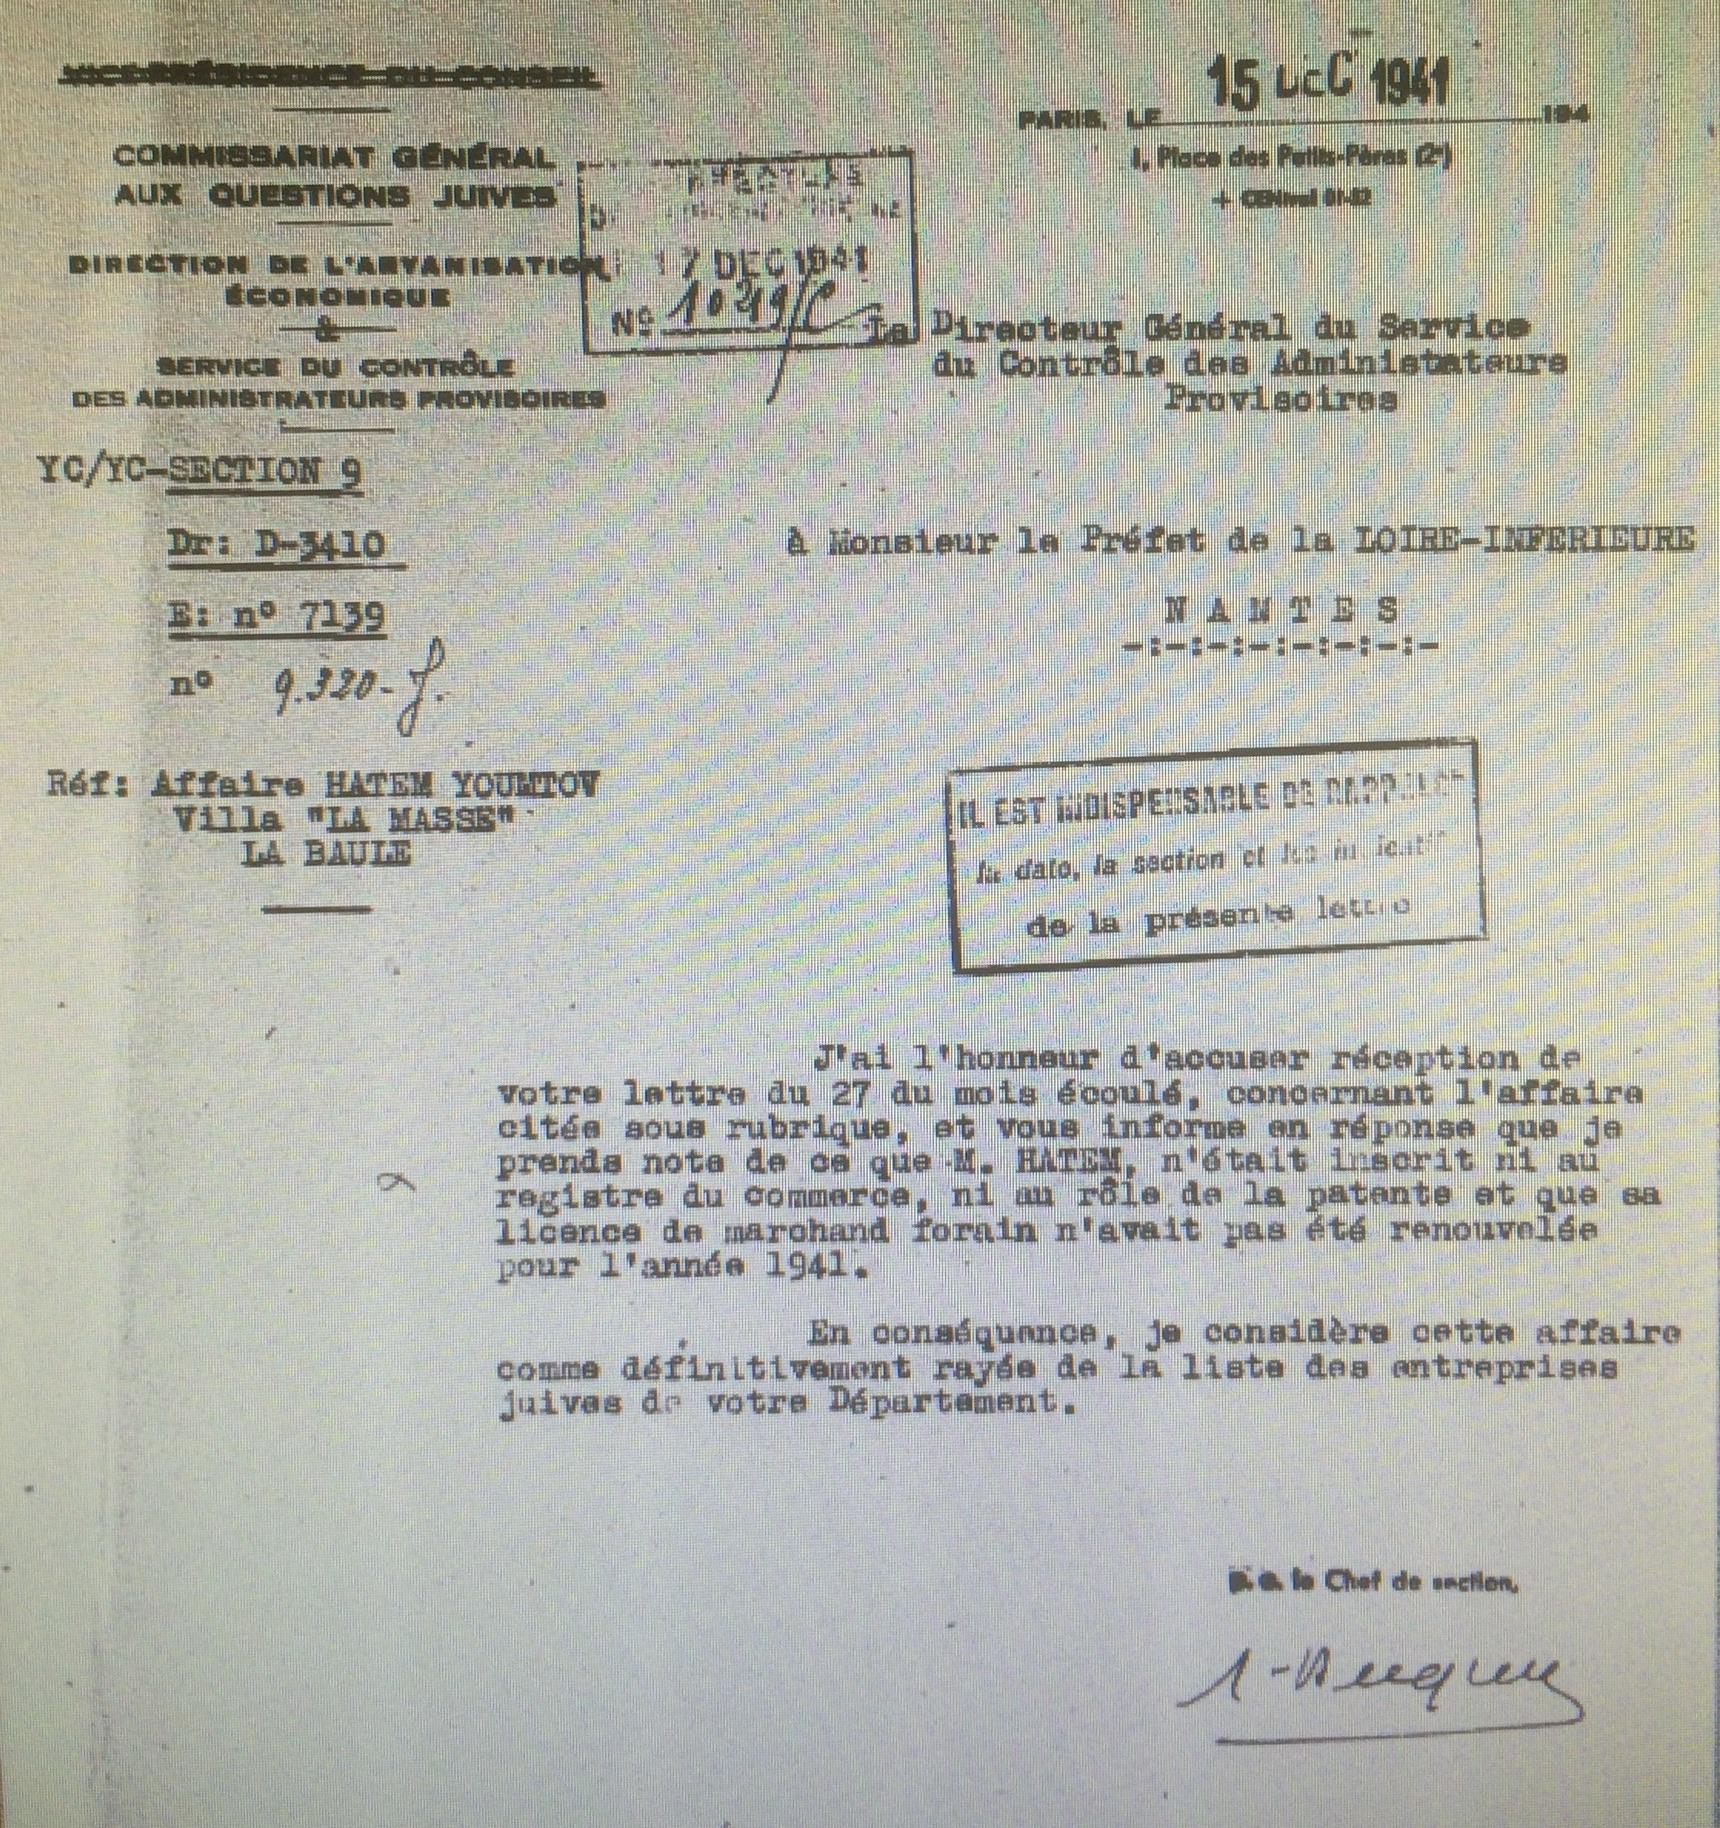 Dossier d'aryanisation HATEM Youmtov, AN AJ38/4598 dossier n°2535